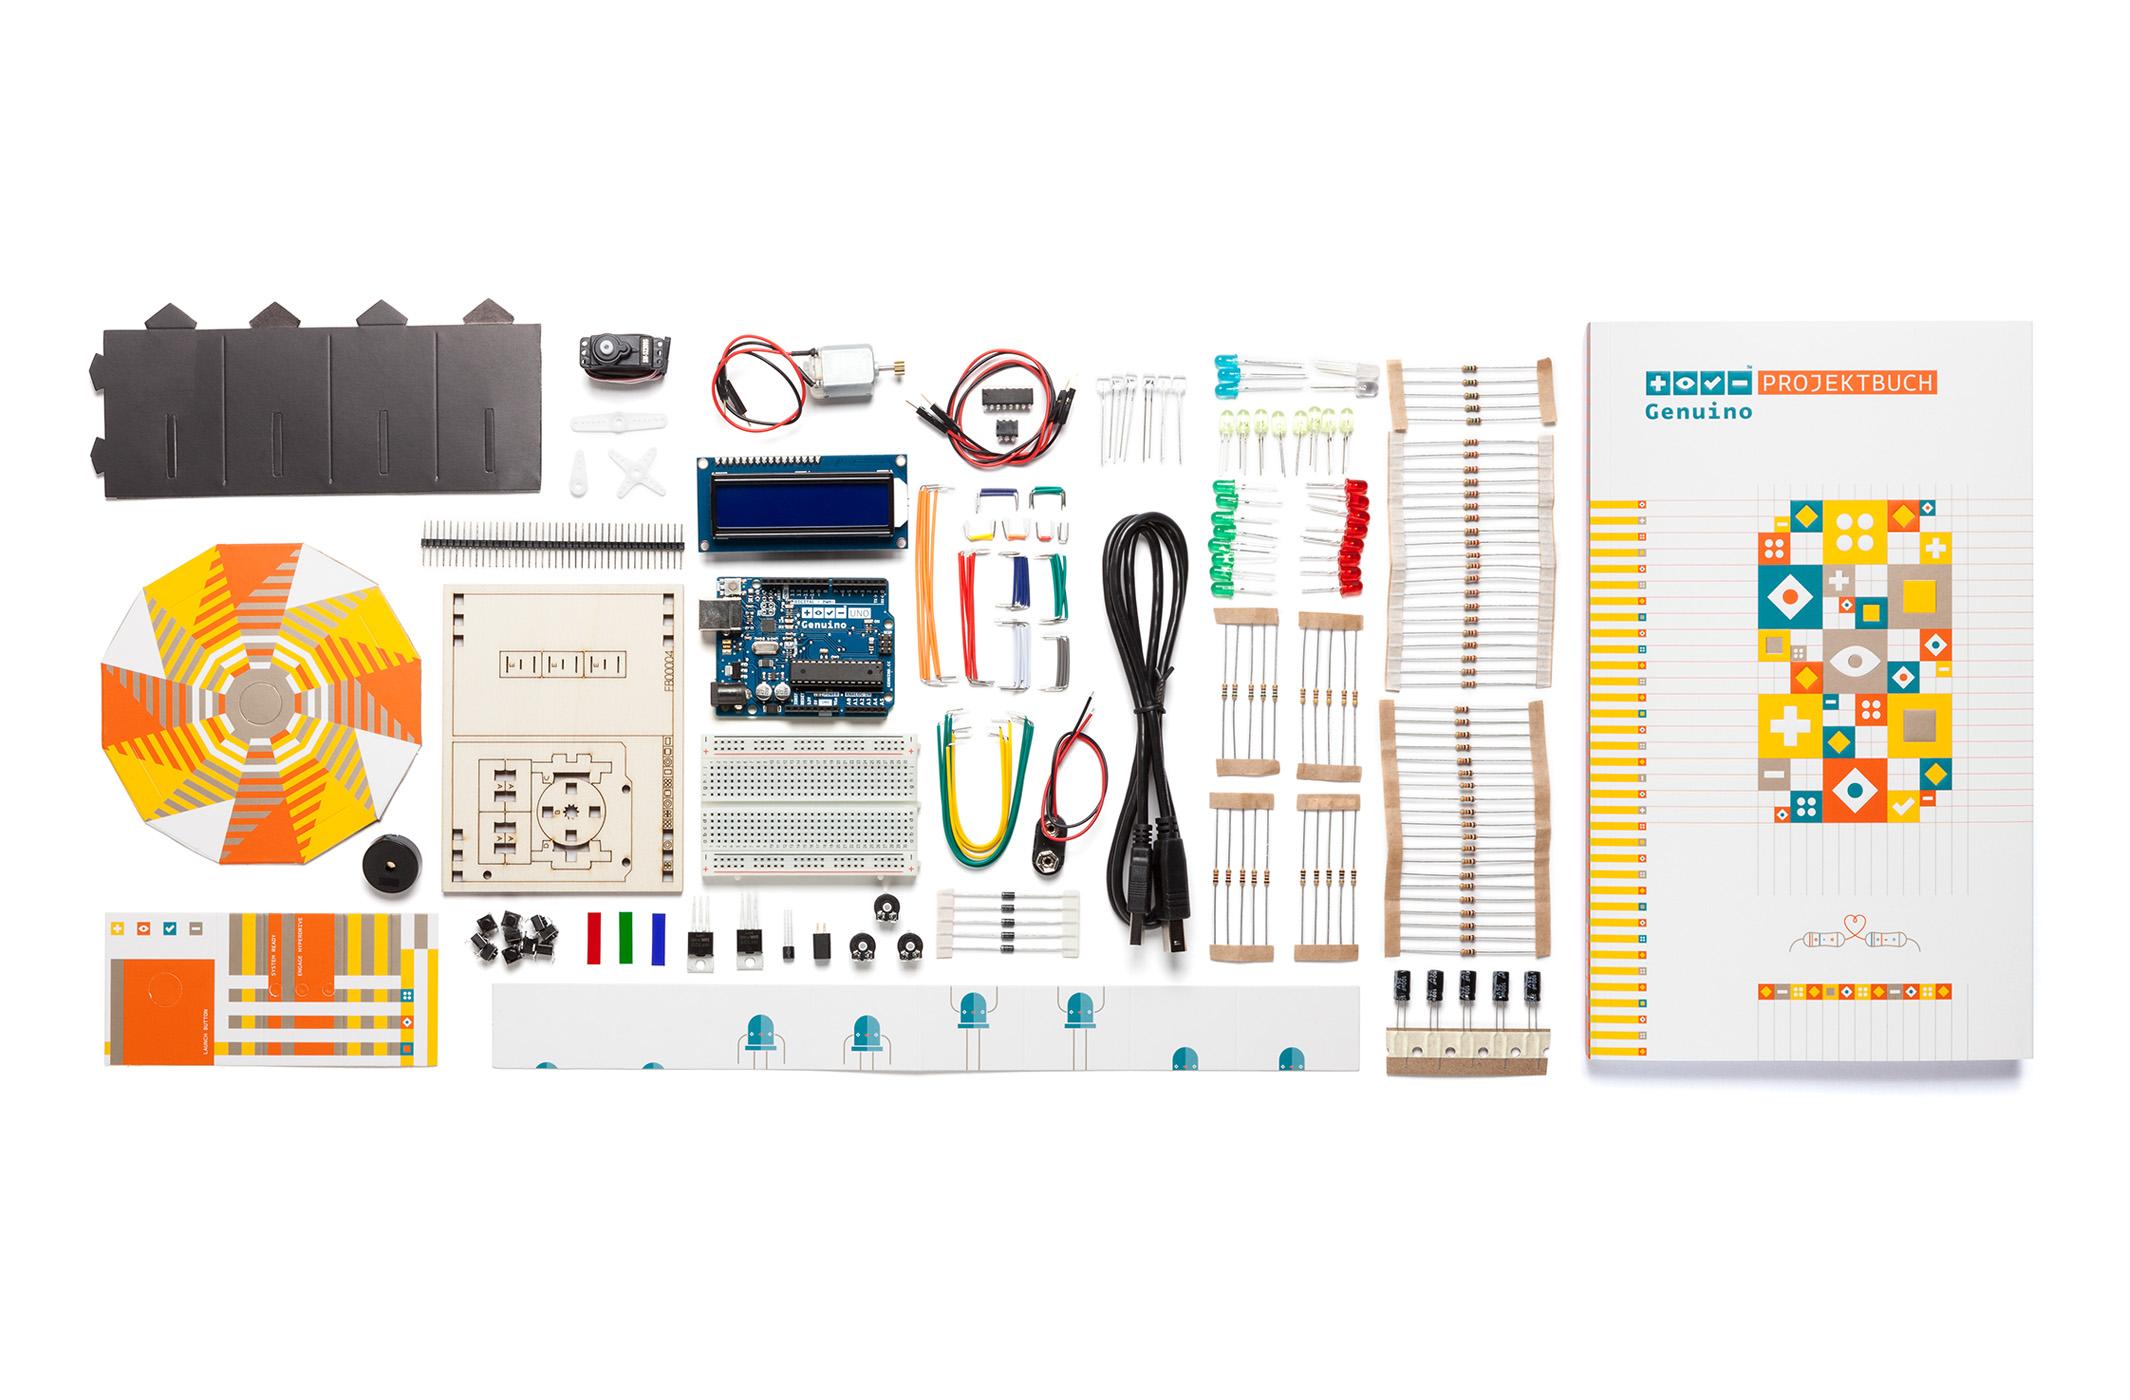 Genuino Starter Kit [Deutsch]